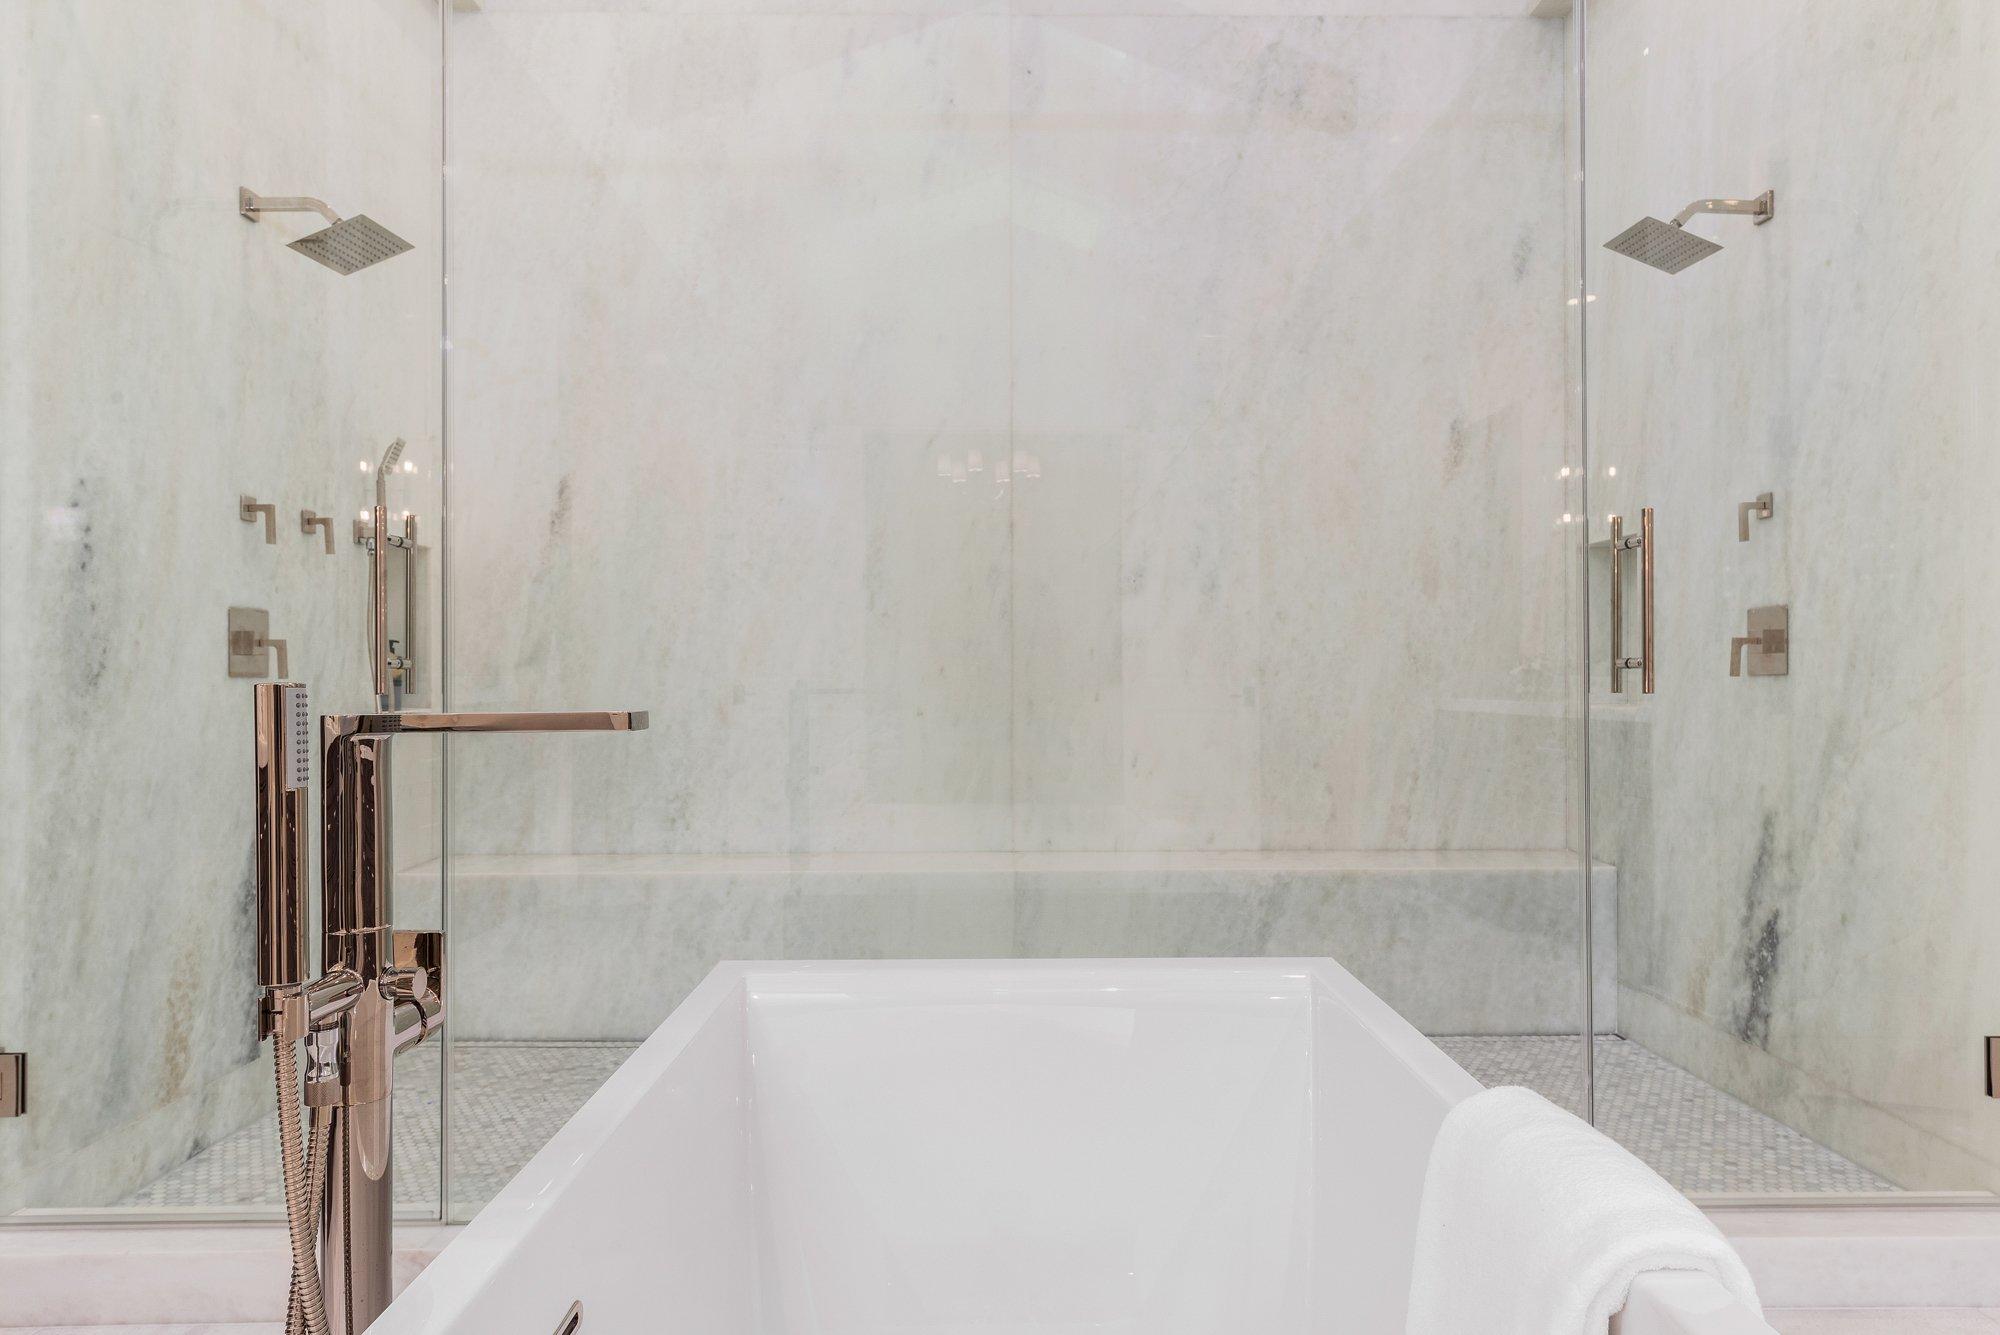 plumbing_showroom_visit_6